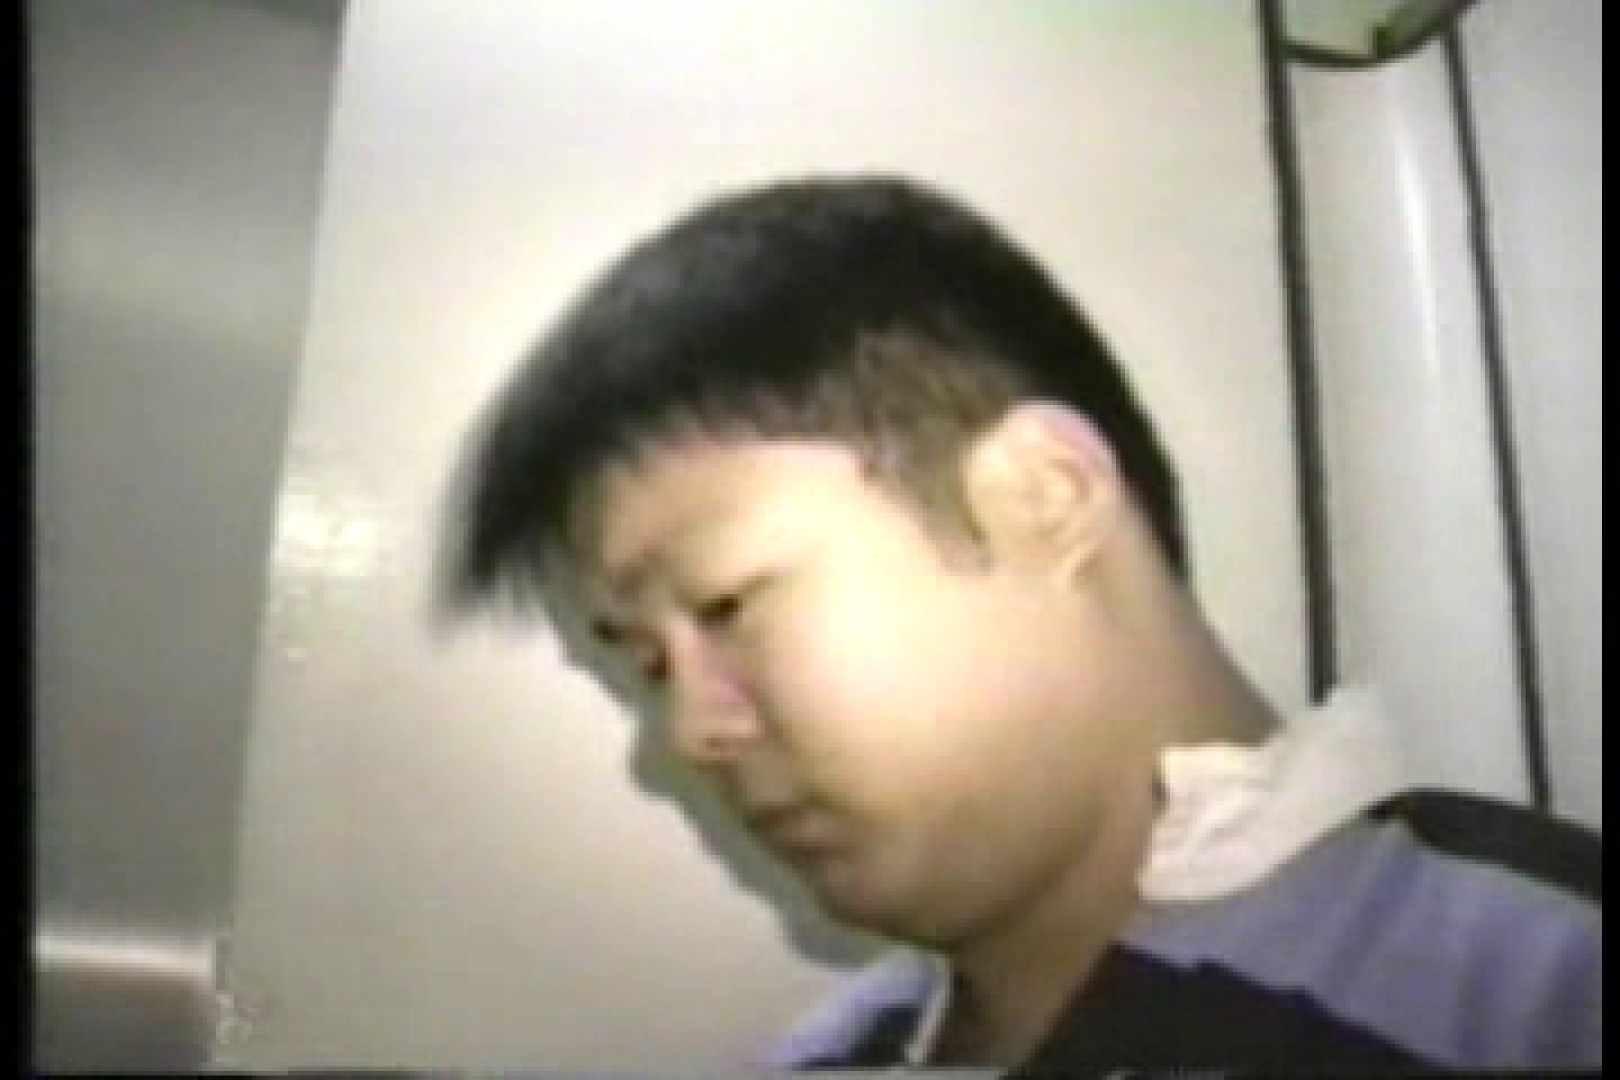 太った男じゃダメですか?16 フェラ男子 男同士動画 39連発 4